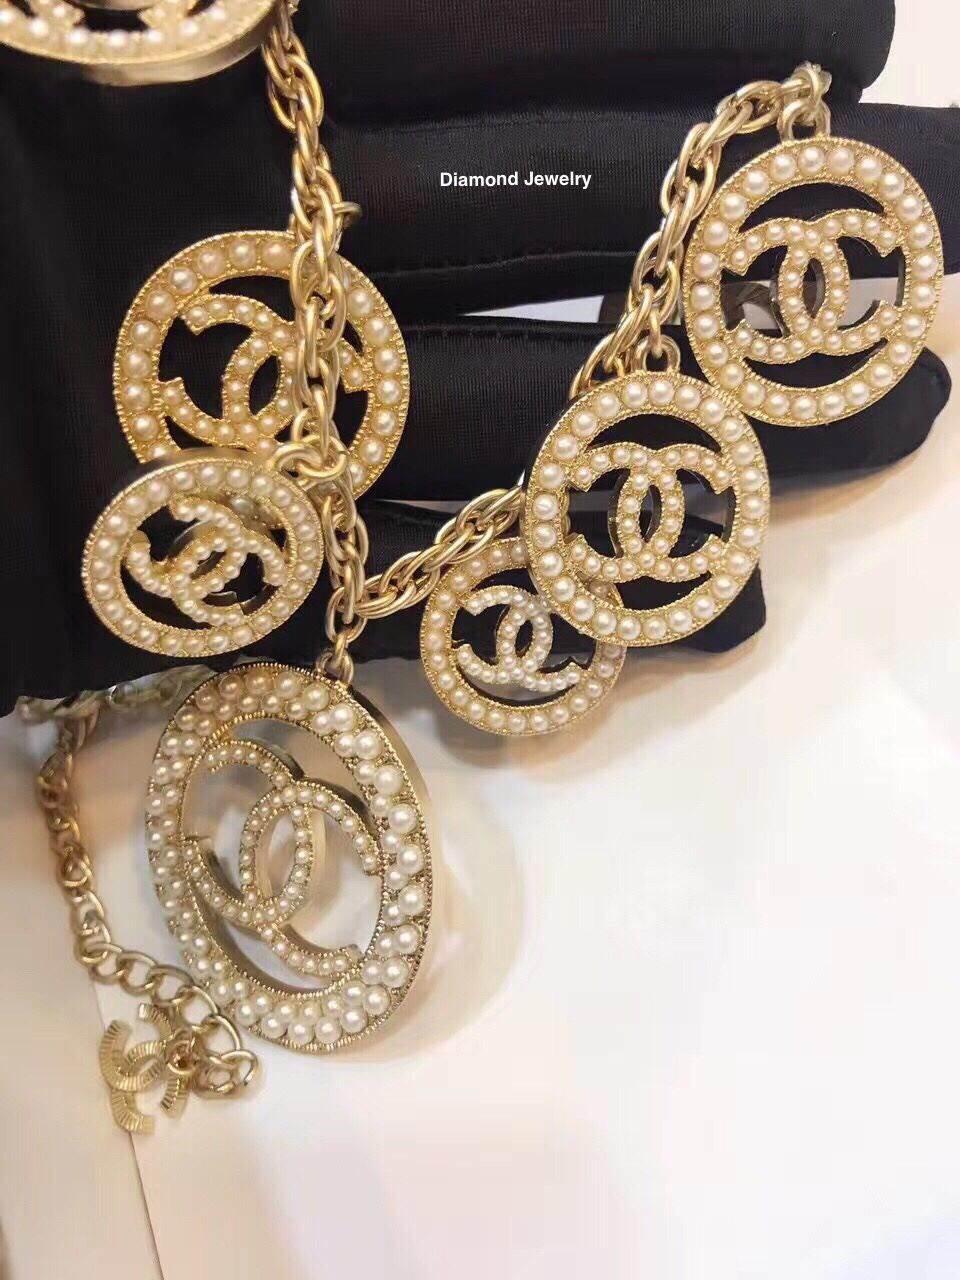 พร้อมส่ง Chanel Necklace สร้อยคอ Chanel เกรดงานอย่างดีค่ะ